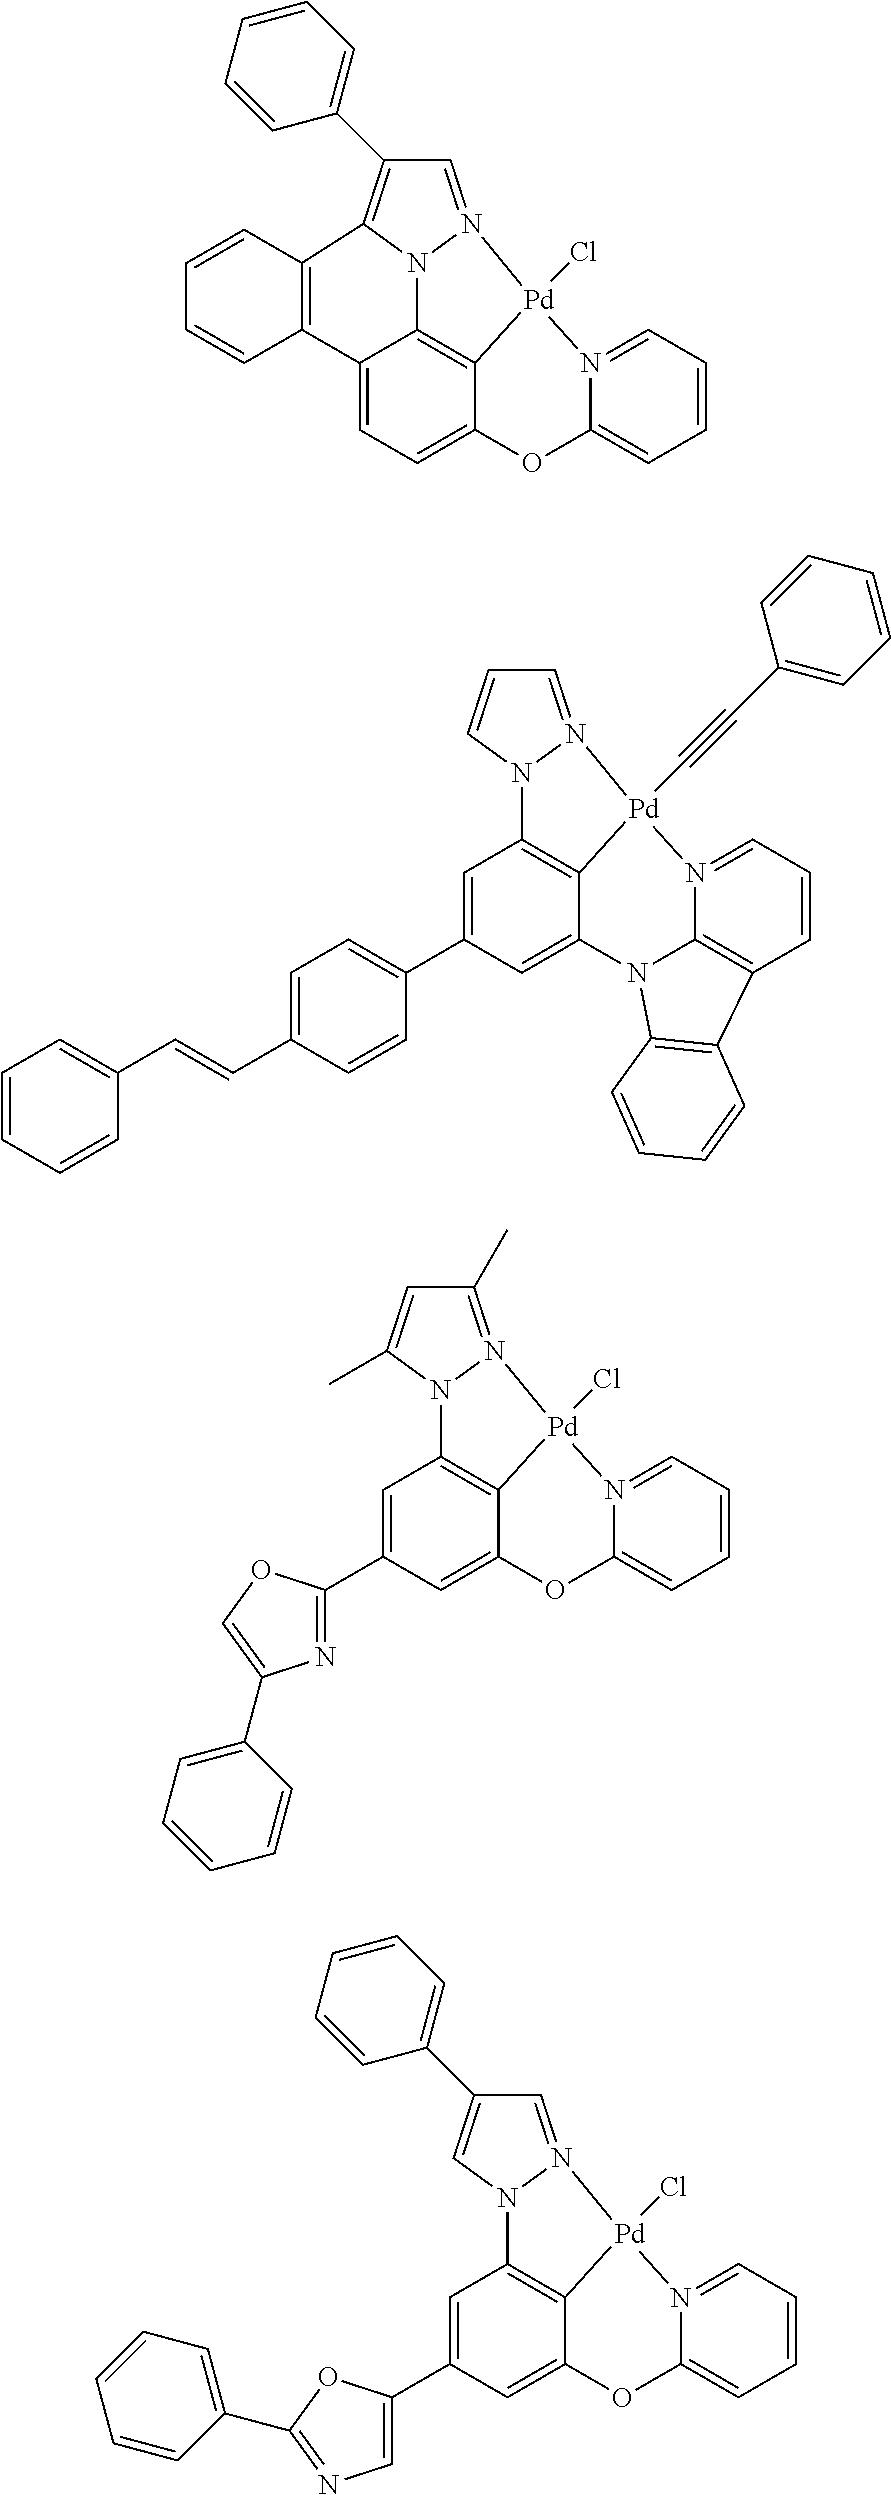 Figure US09818959-20171114-C00194